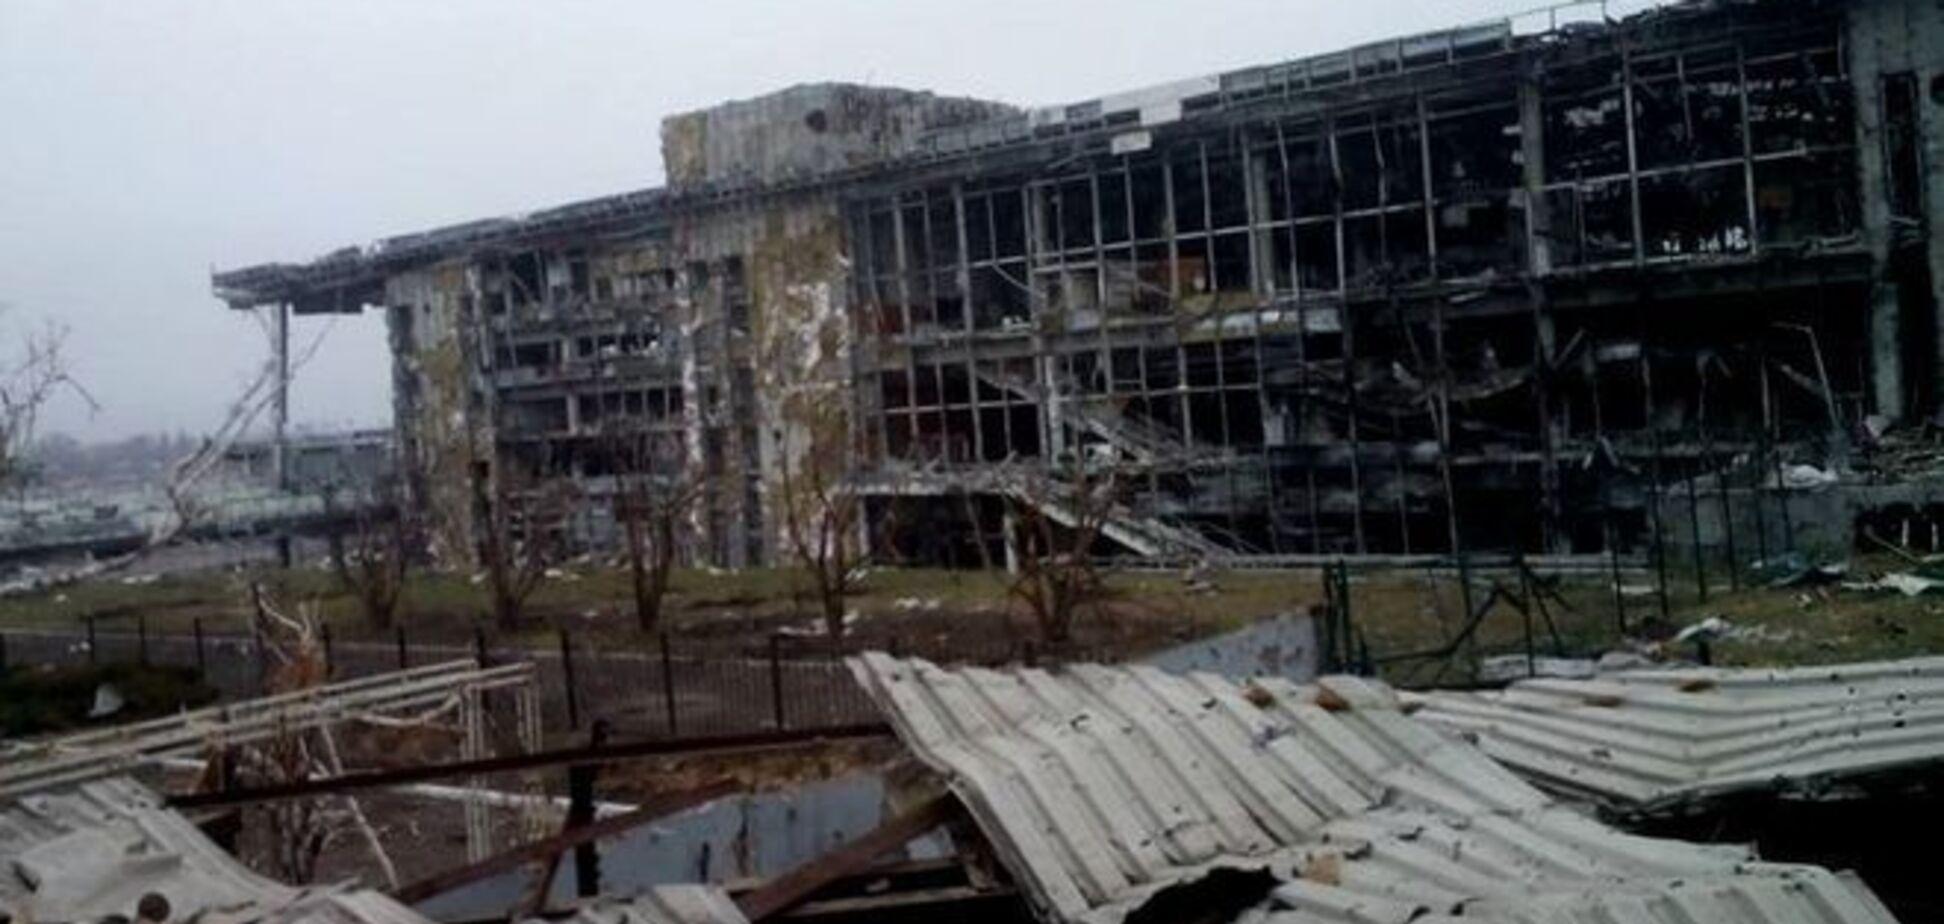 Под руинами в донецком аэропорту остаются не менее 20 'киборгов' - журналист